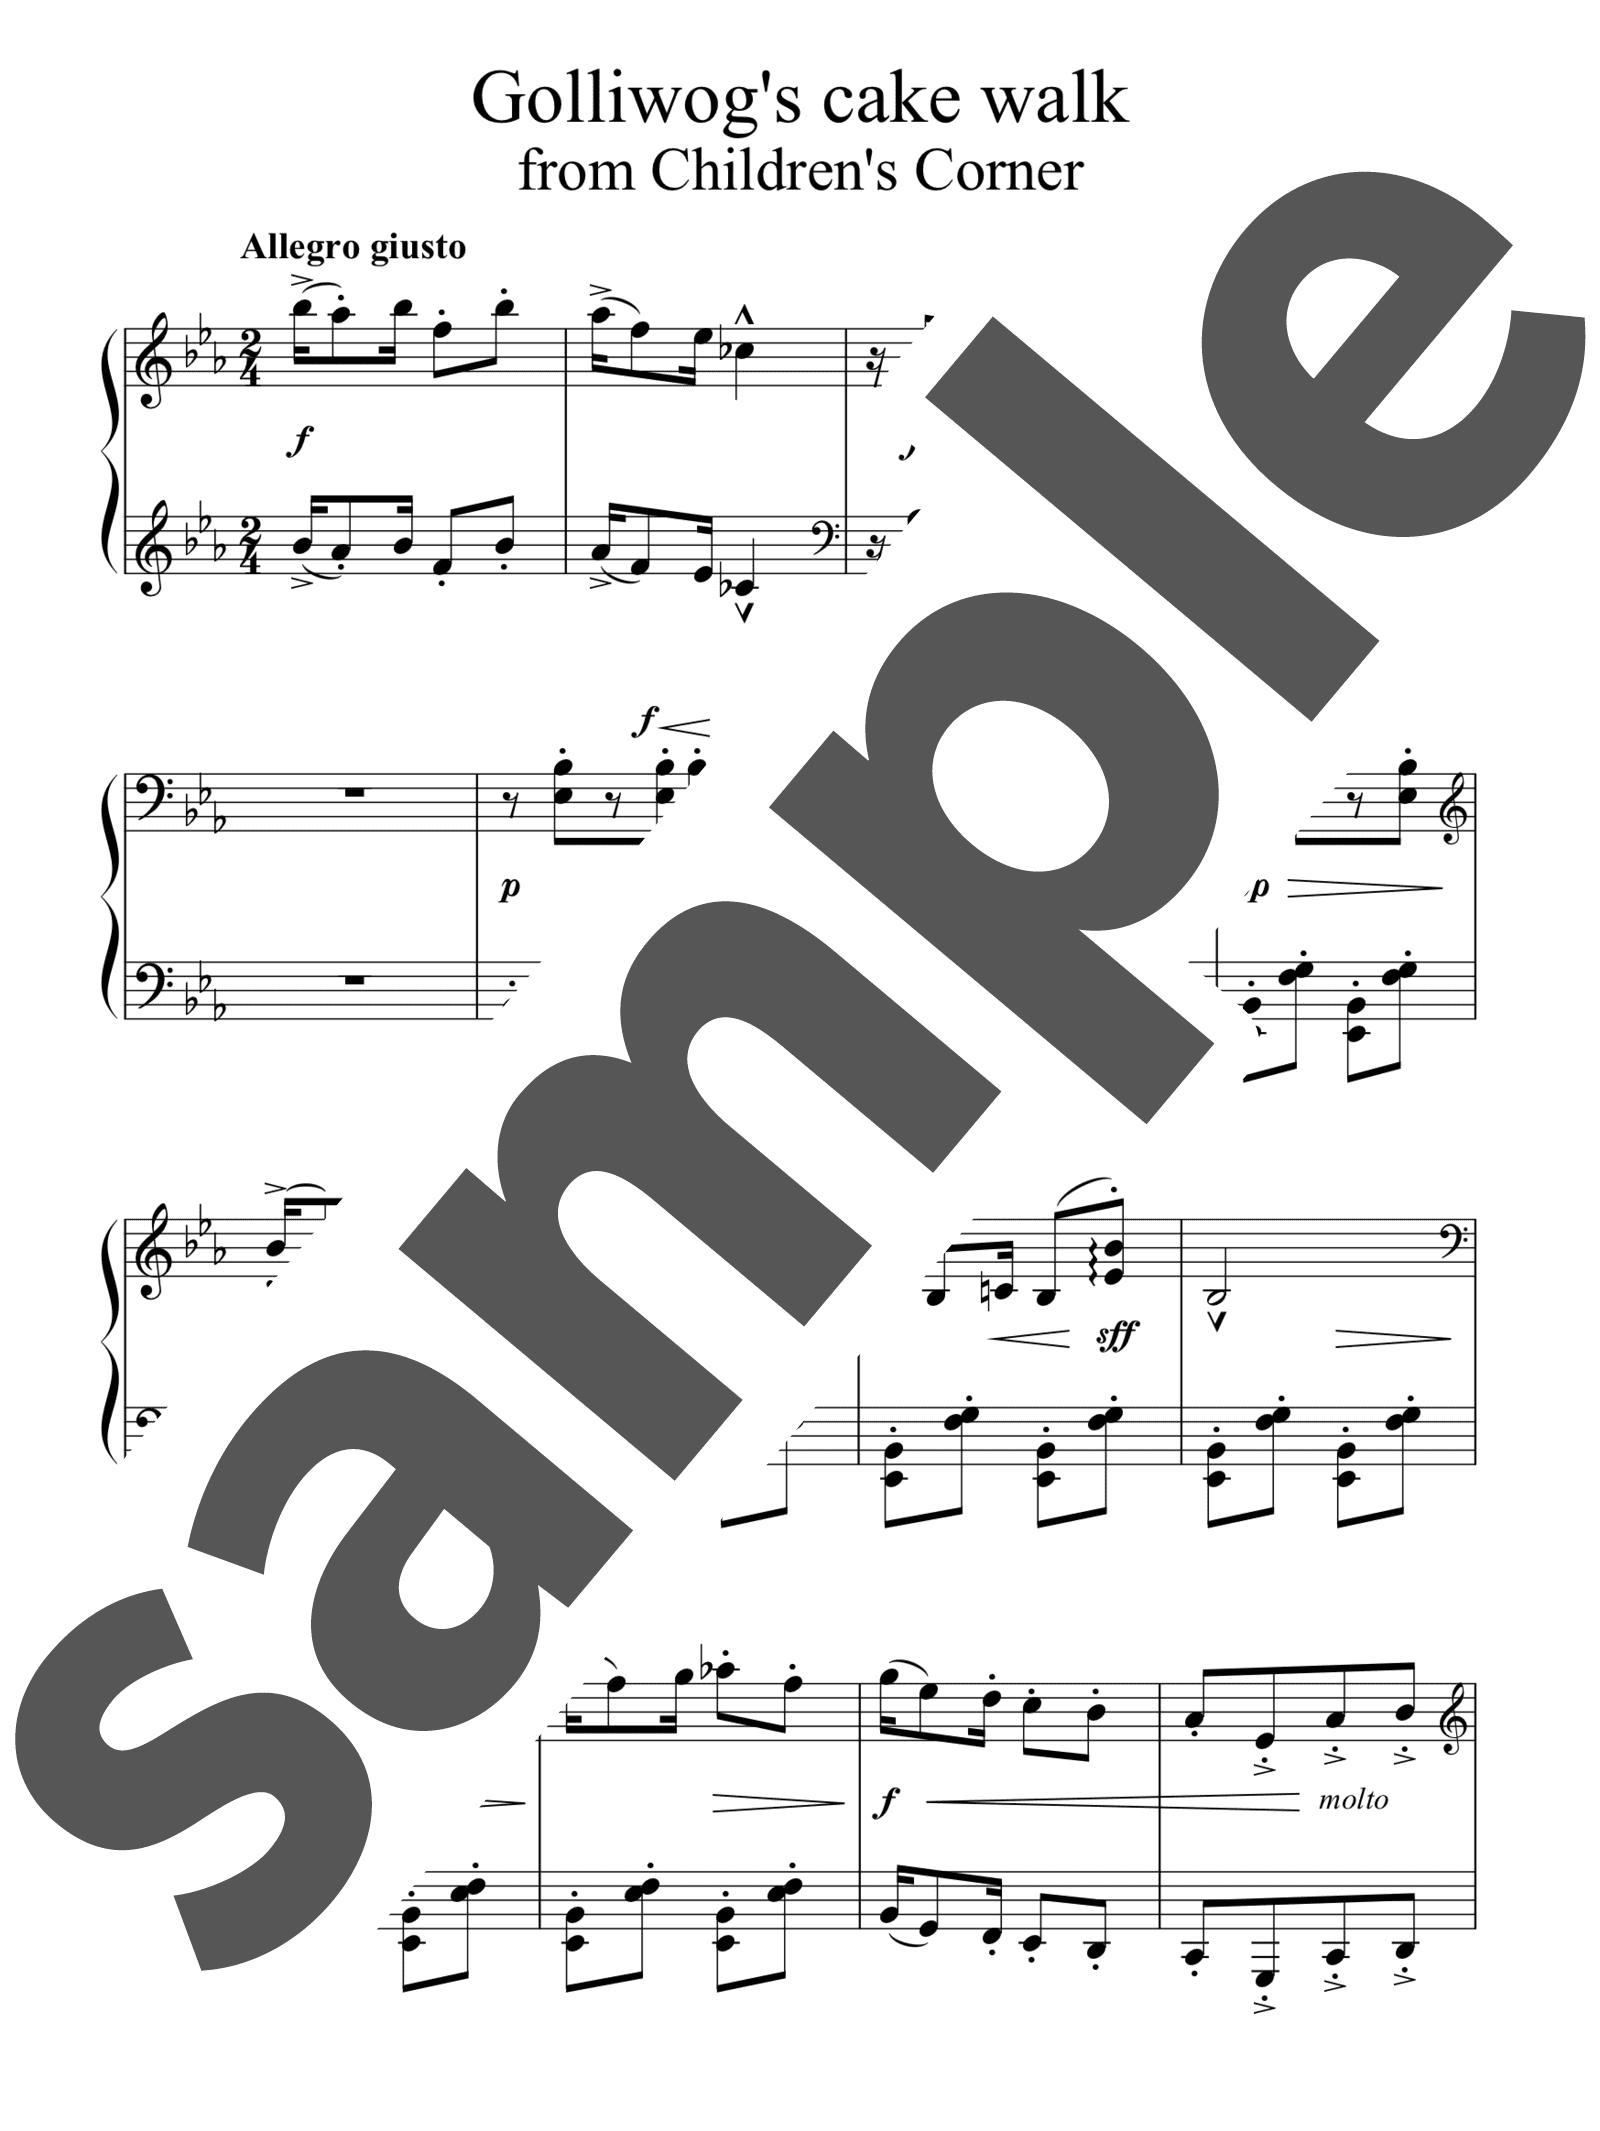 「ゴリウォーグのケークウォーク~「子供の領分」より」のサンプル楽譜